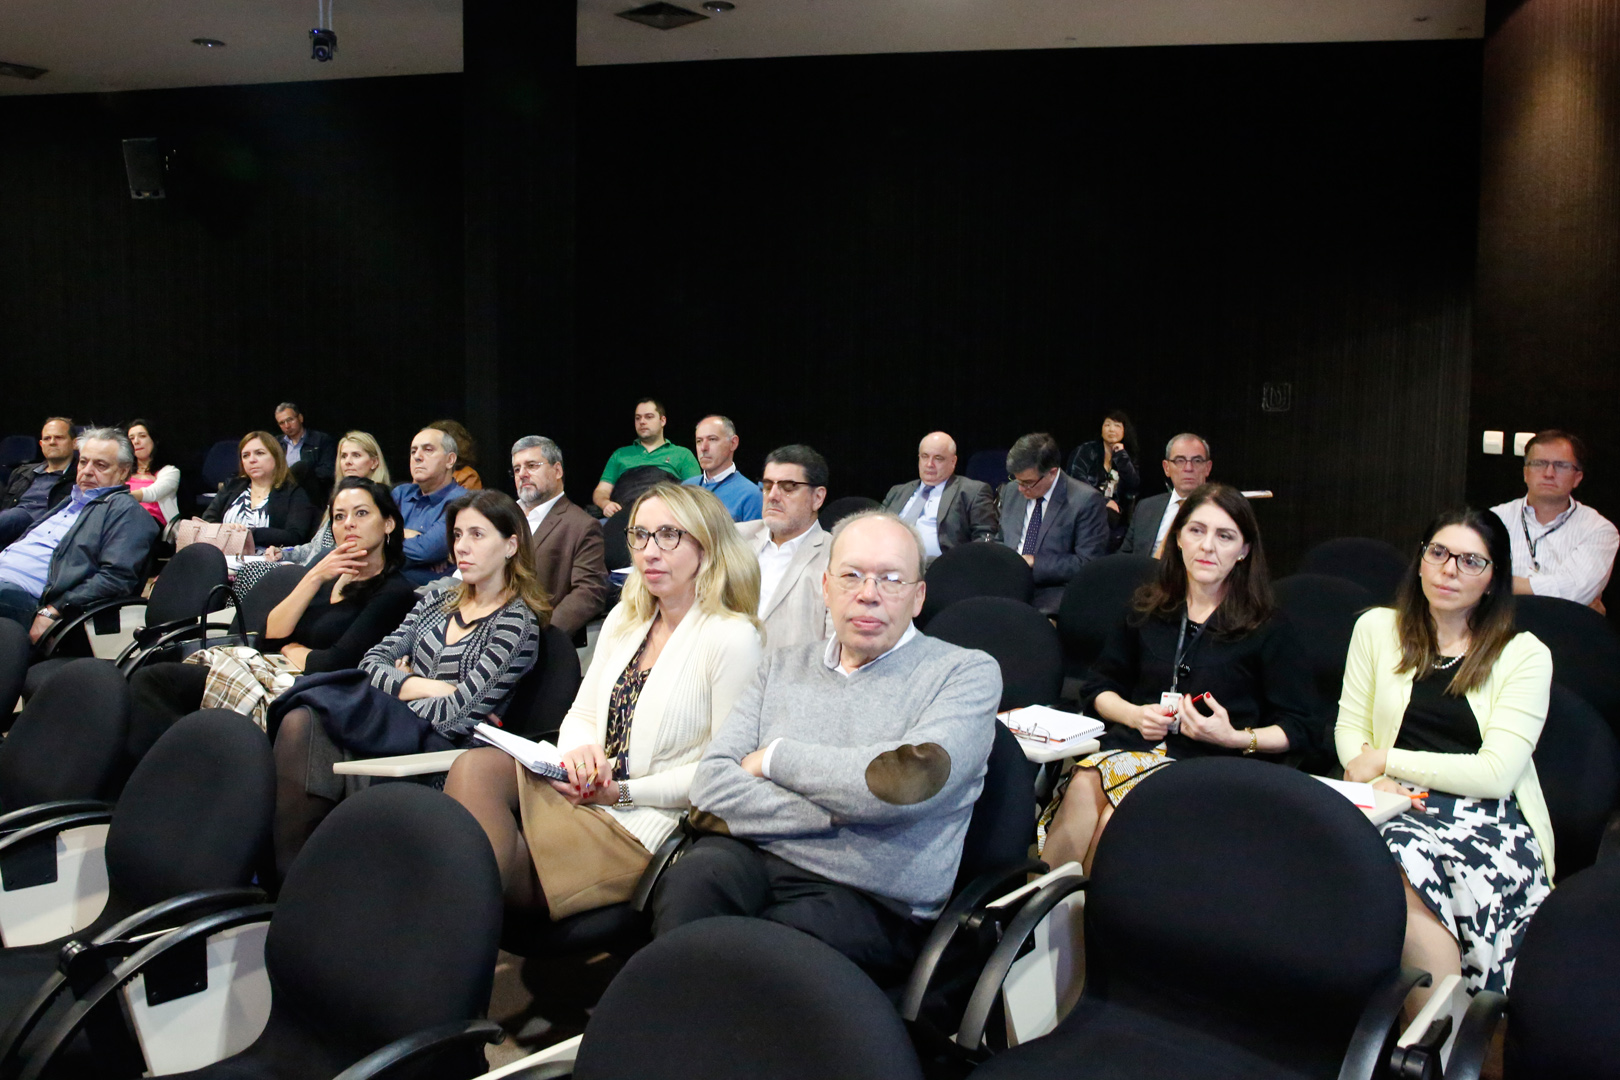 EPM promove o curso 'Questões controvertidas do Direito Imobiliário' no Gade 23 de Maio